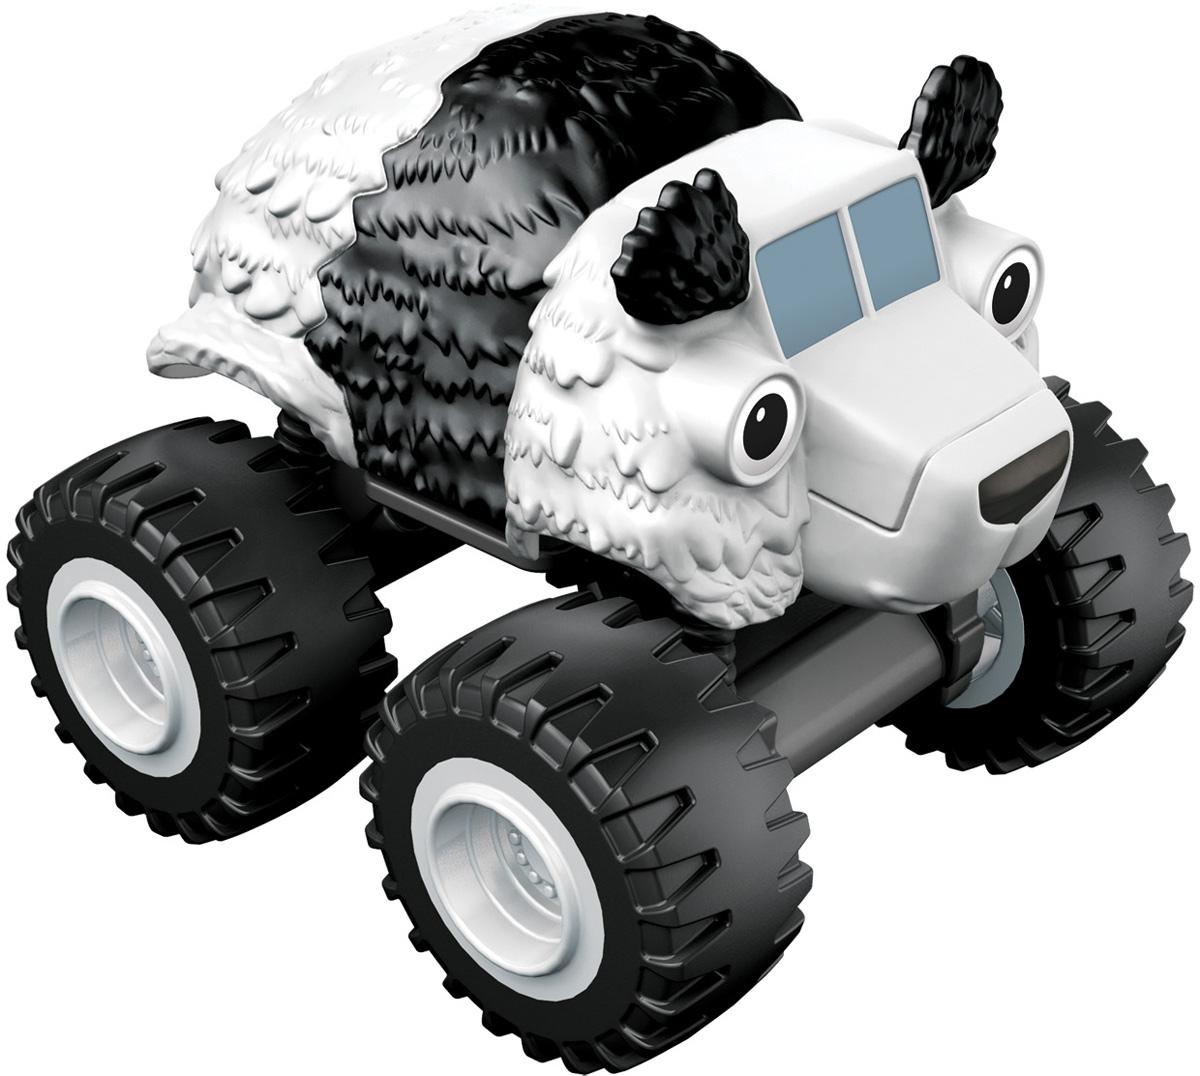 Blaze Машинка Медвежонок пандаCGF20_DGK47Машинка Blaze Медвежонок панда выполнена из металла и пластика в виде героини популярного мультсериала Вспыш и чудо-машинки. Медвежонок панда - удивительный грузовичок в виде медвежонка панды, с забавными ушками и большими глазками. Вспыш и чудо-машинки - история про Эй-Джея, восьмилетнего любителя техники, который водит пикап по имени Блейз (Вспыш), побеждающий на всех гонках в Аксель-Сити. Они вместе отправляются в приключения, требующие знания физики и математики. Их ждет множество трудностей от главного соперника Блейза (Вспыша) - Крашера (Крушила), грузовика, который готов пойти на всё, чтобы быть на финише первым.